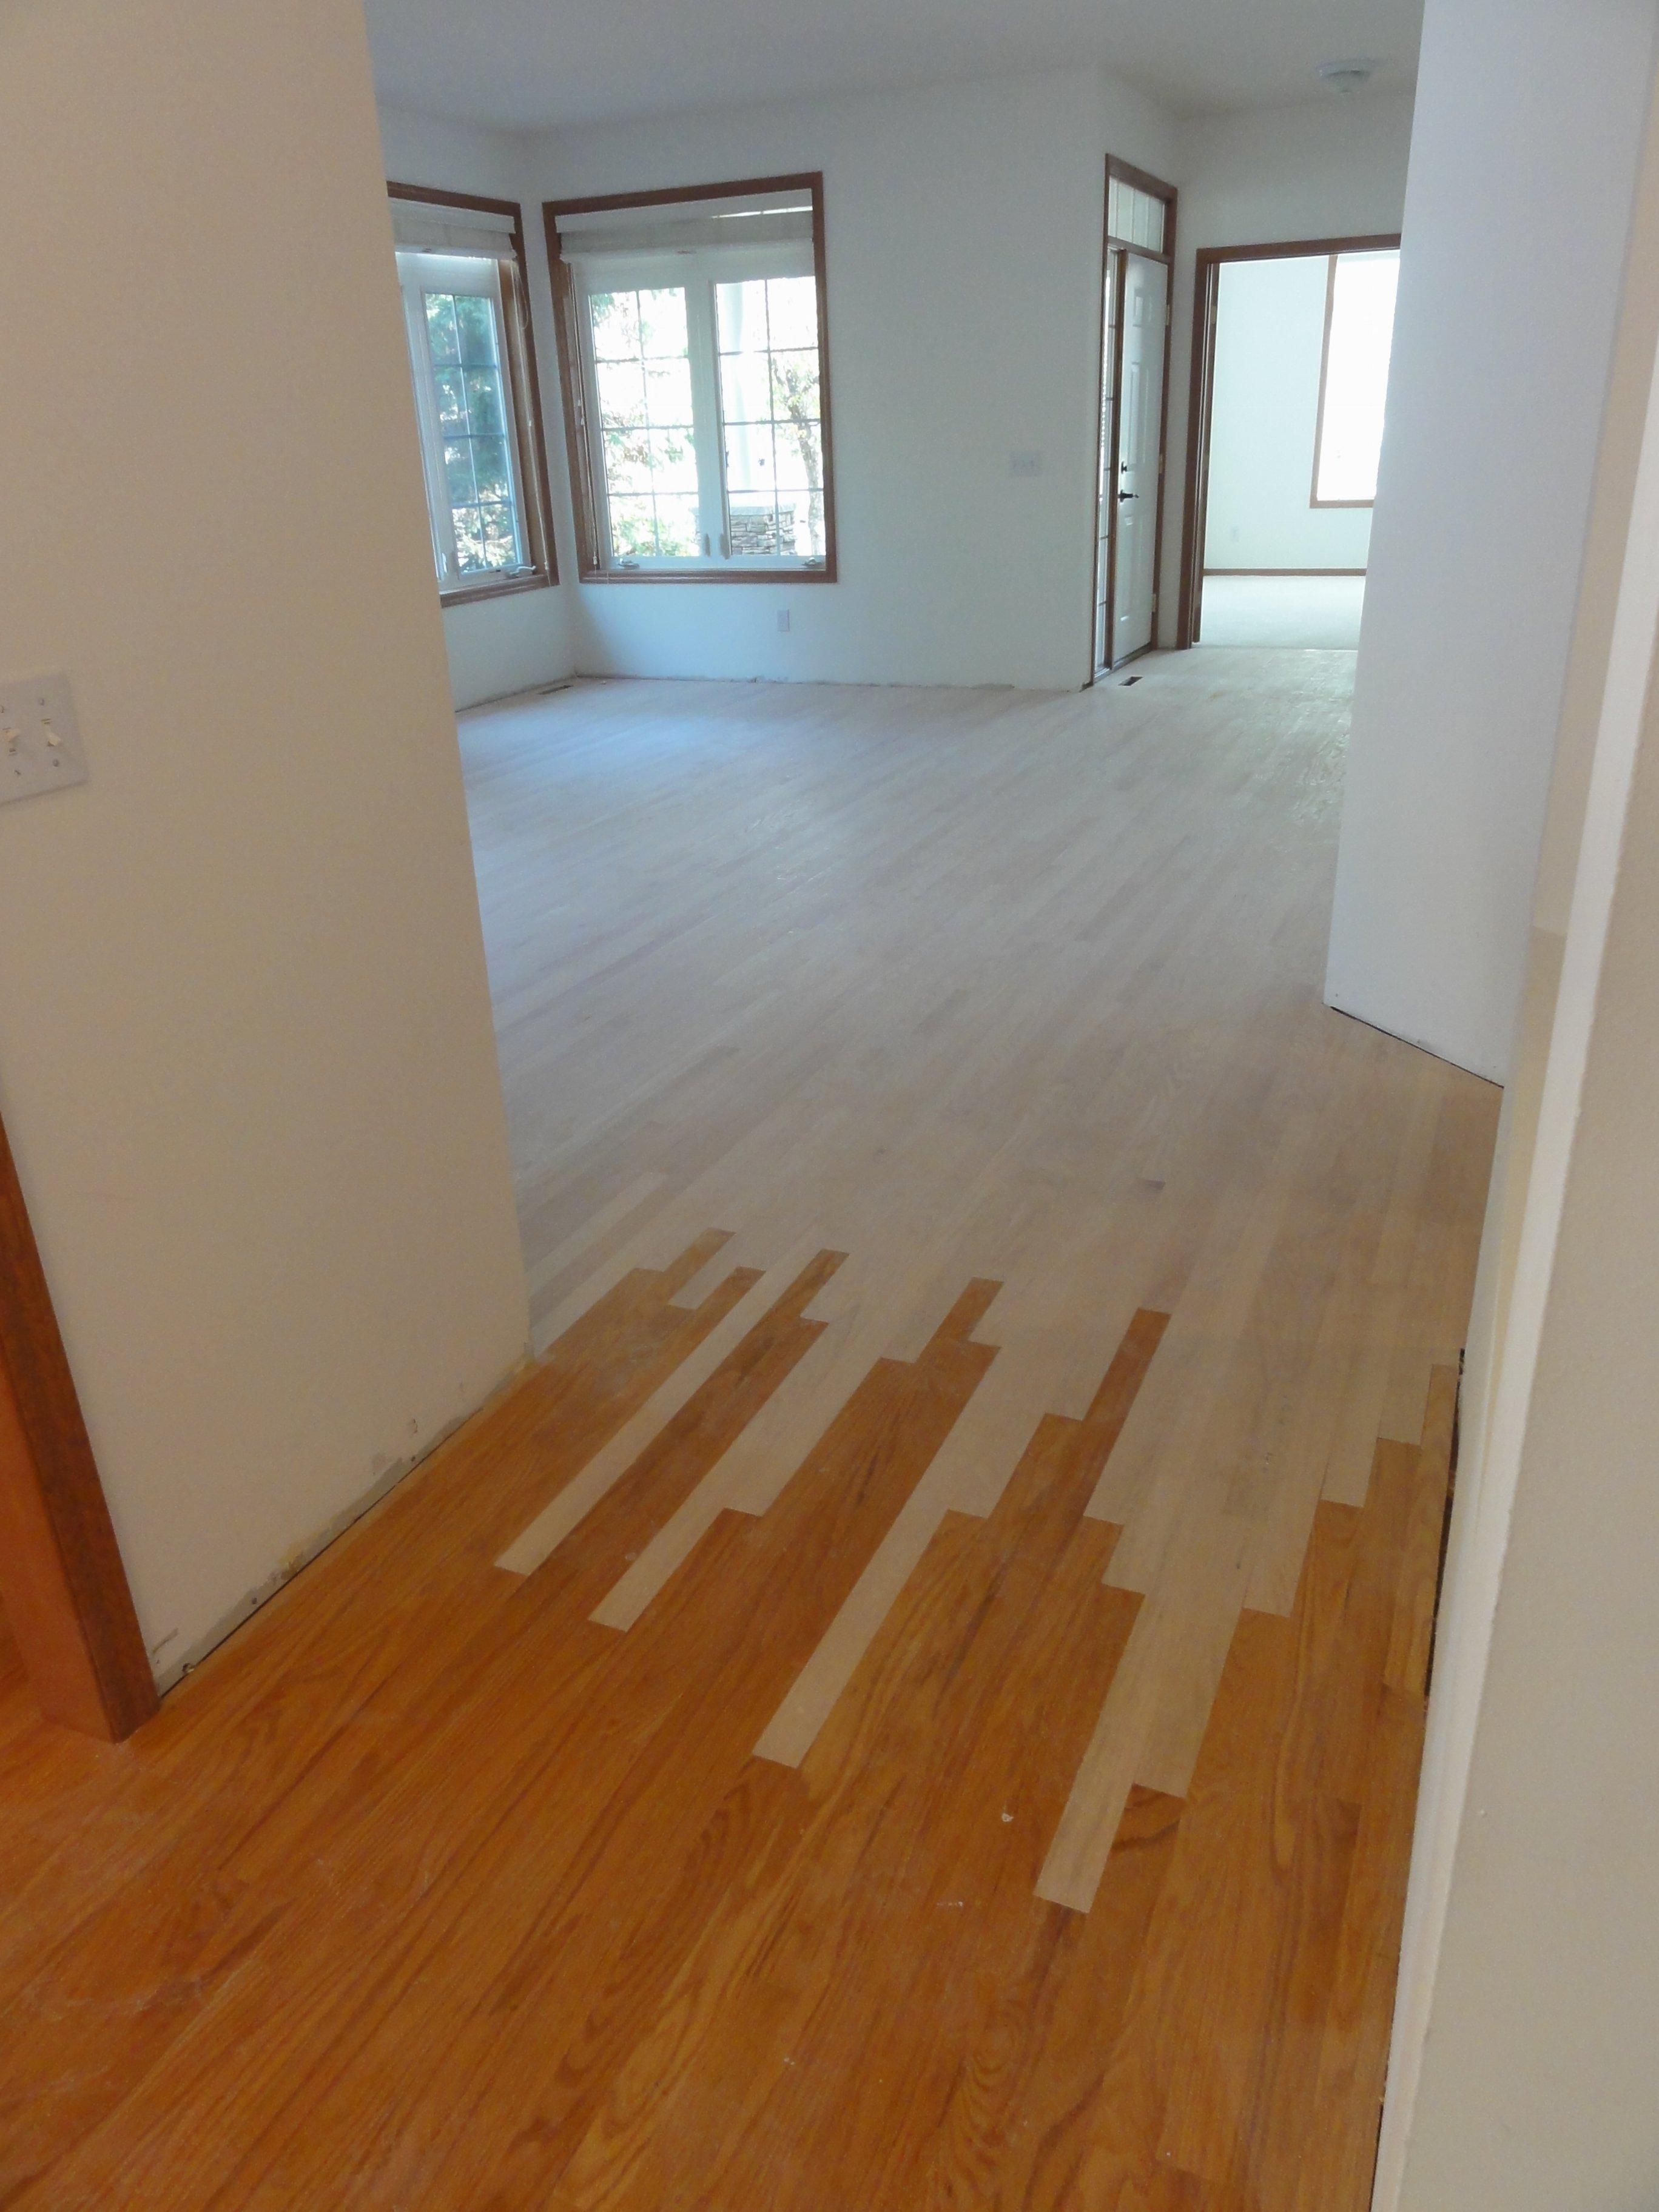 Installing Red Oak Hardwood Floor - Rosemount